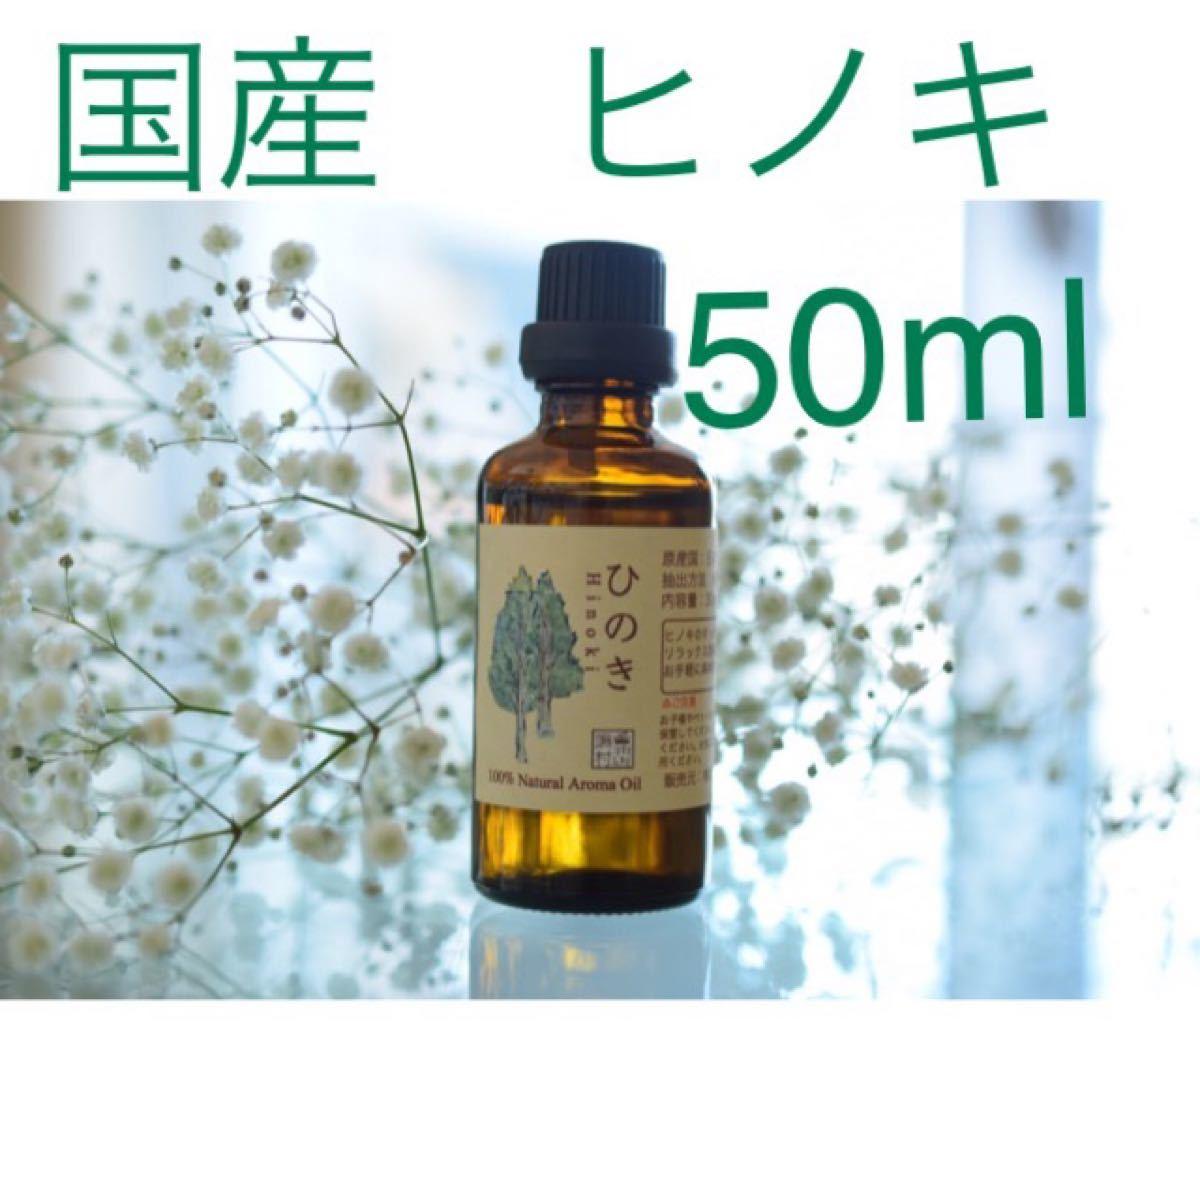 ヒノキ 50ml    アロマ用精油 エッセンシャルオイル